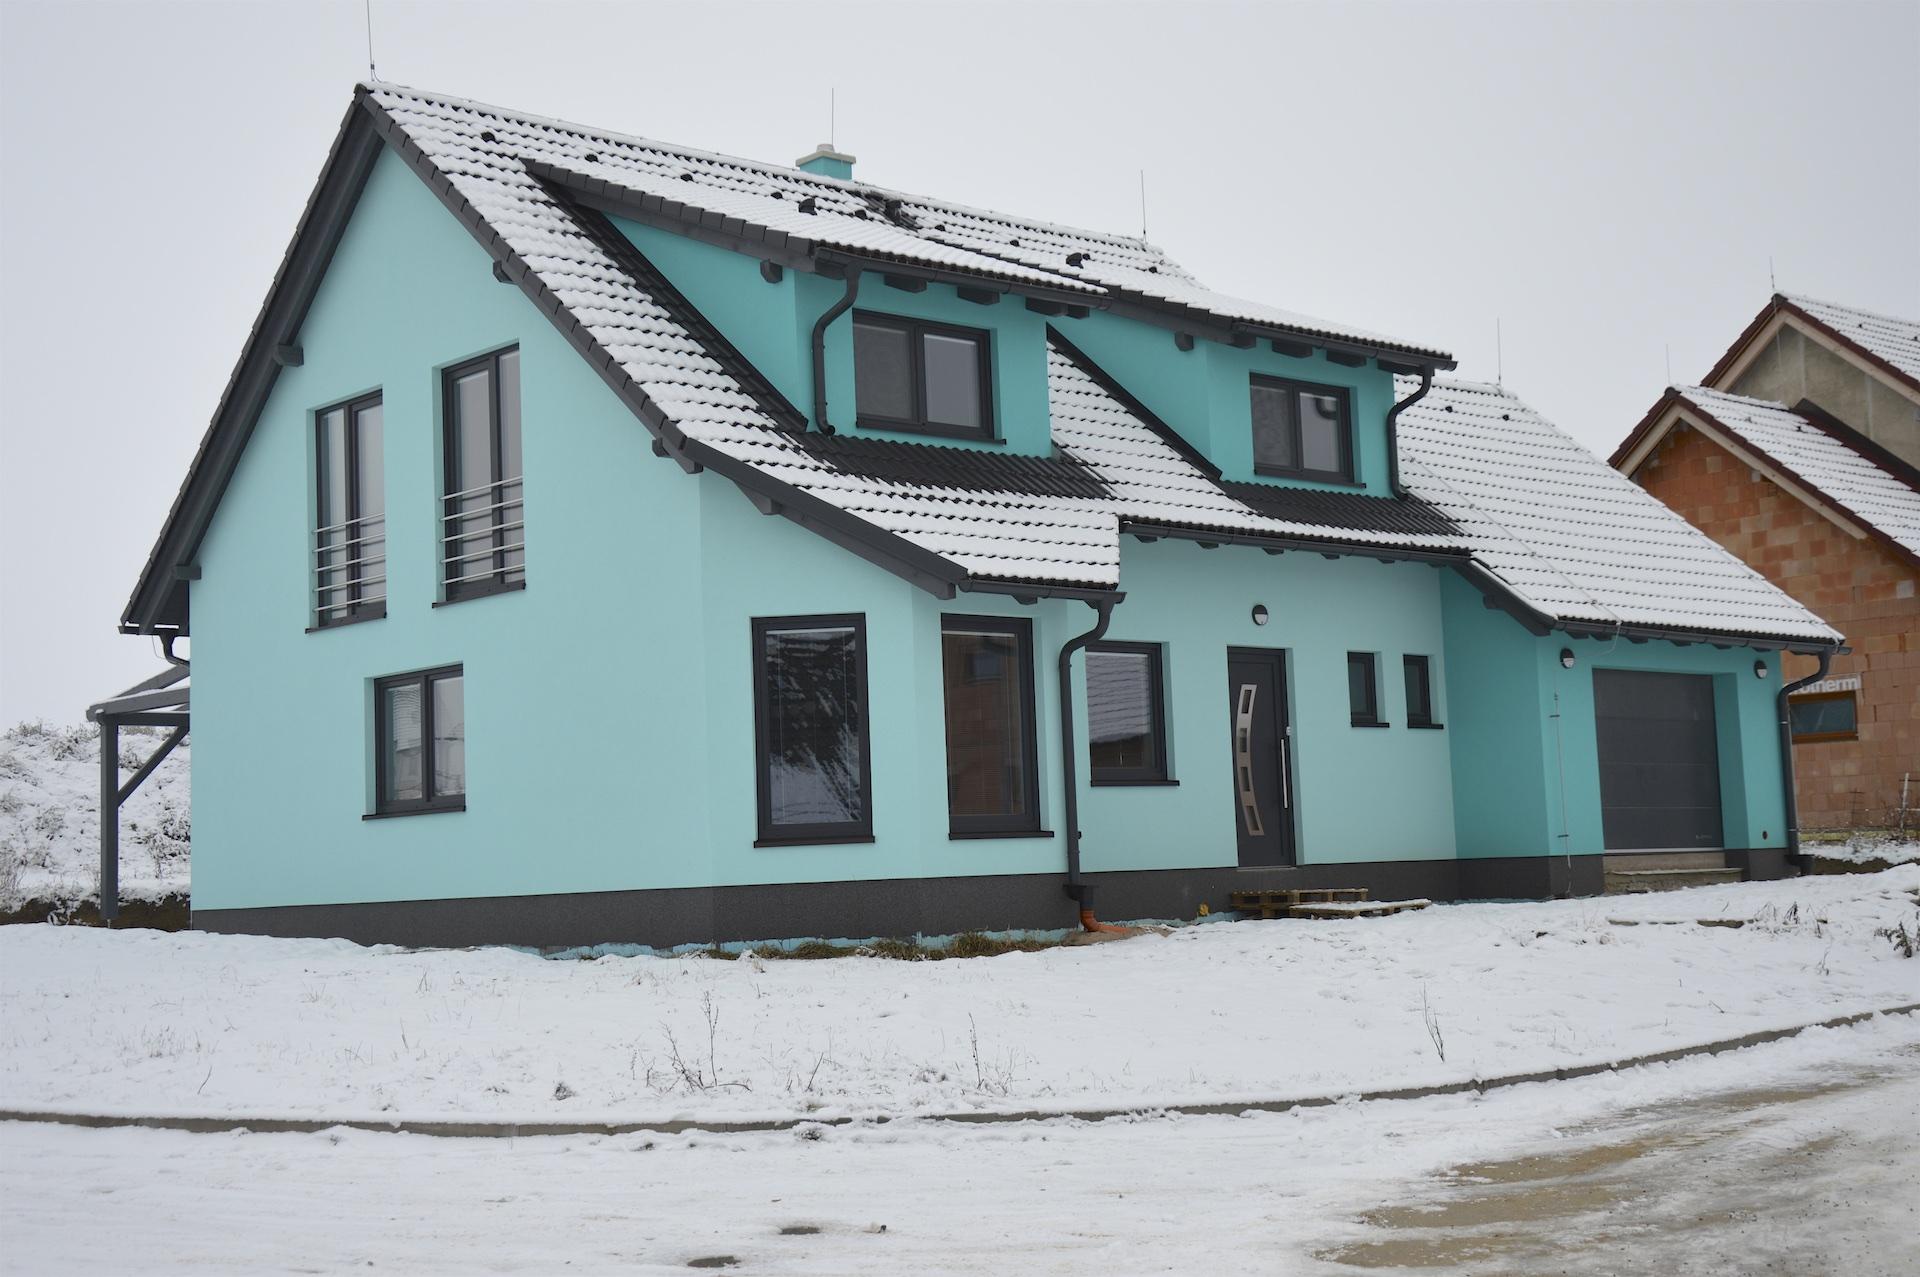 Dřevostavby rodinných domů,  HOMESTEAD s.r.o., Hamry nad Sázavou, Vysočina